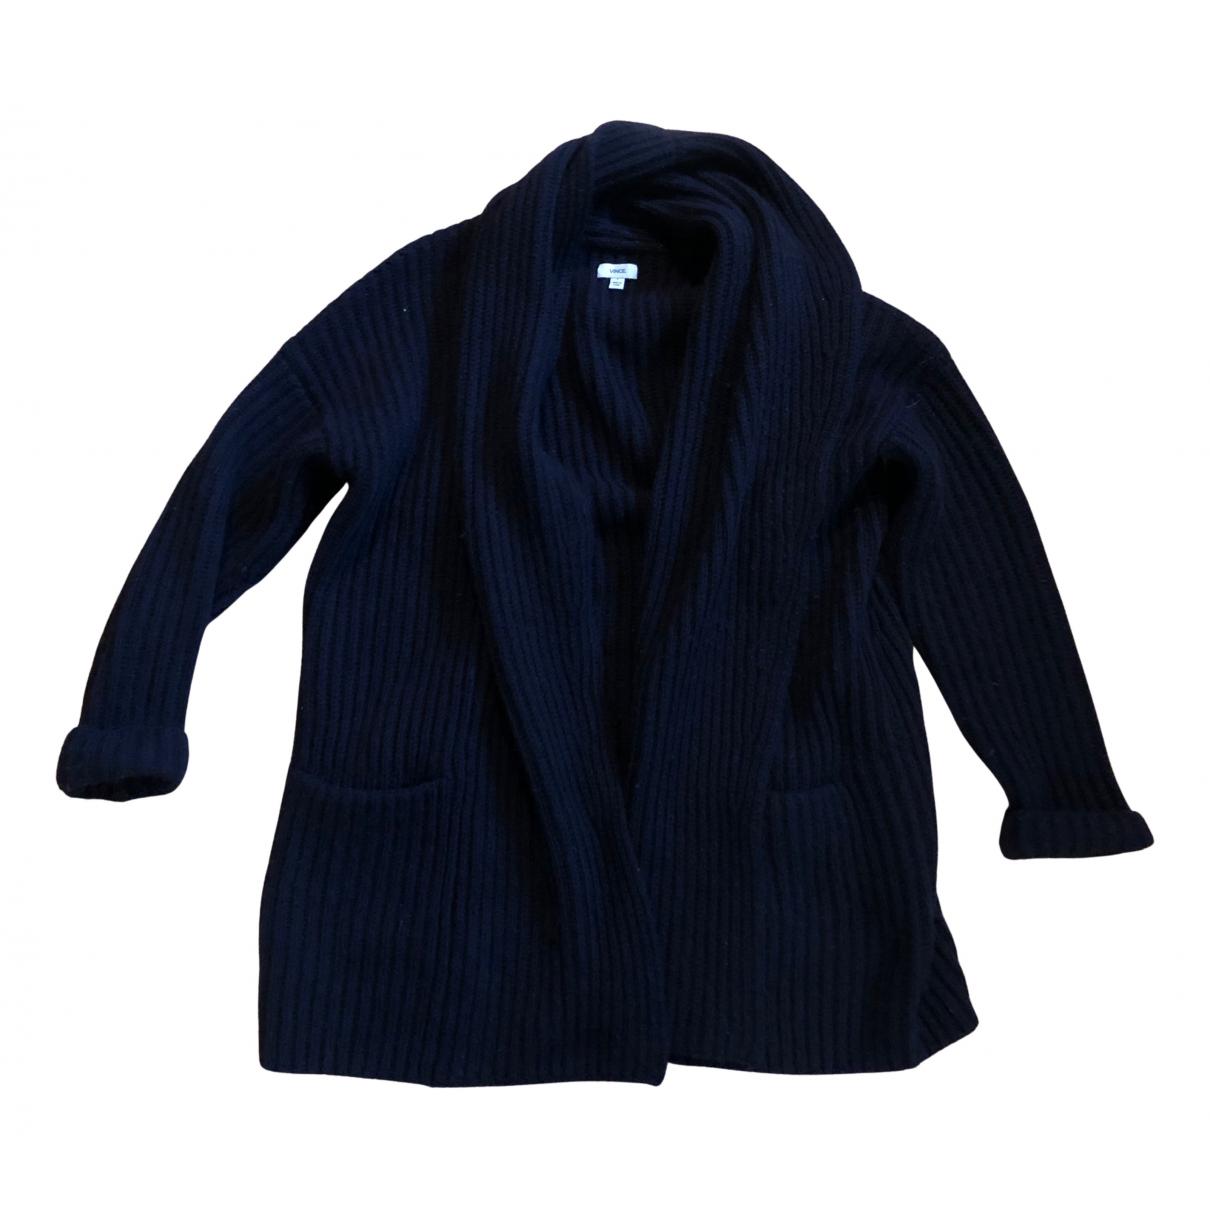 Vince - Pull   pour femme en laine - bleu